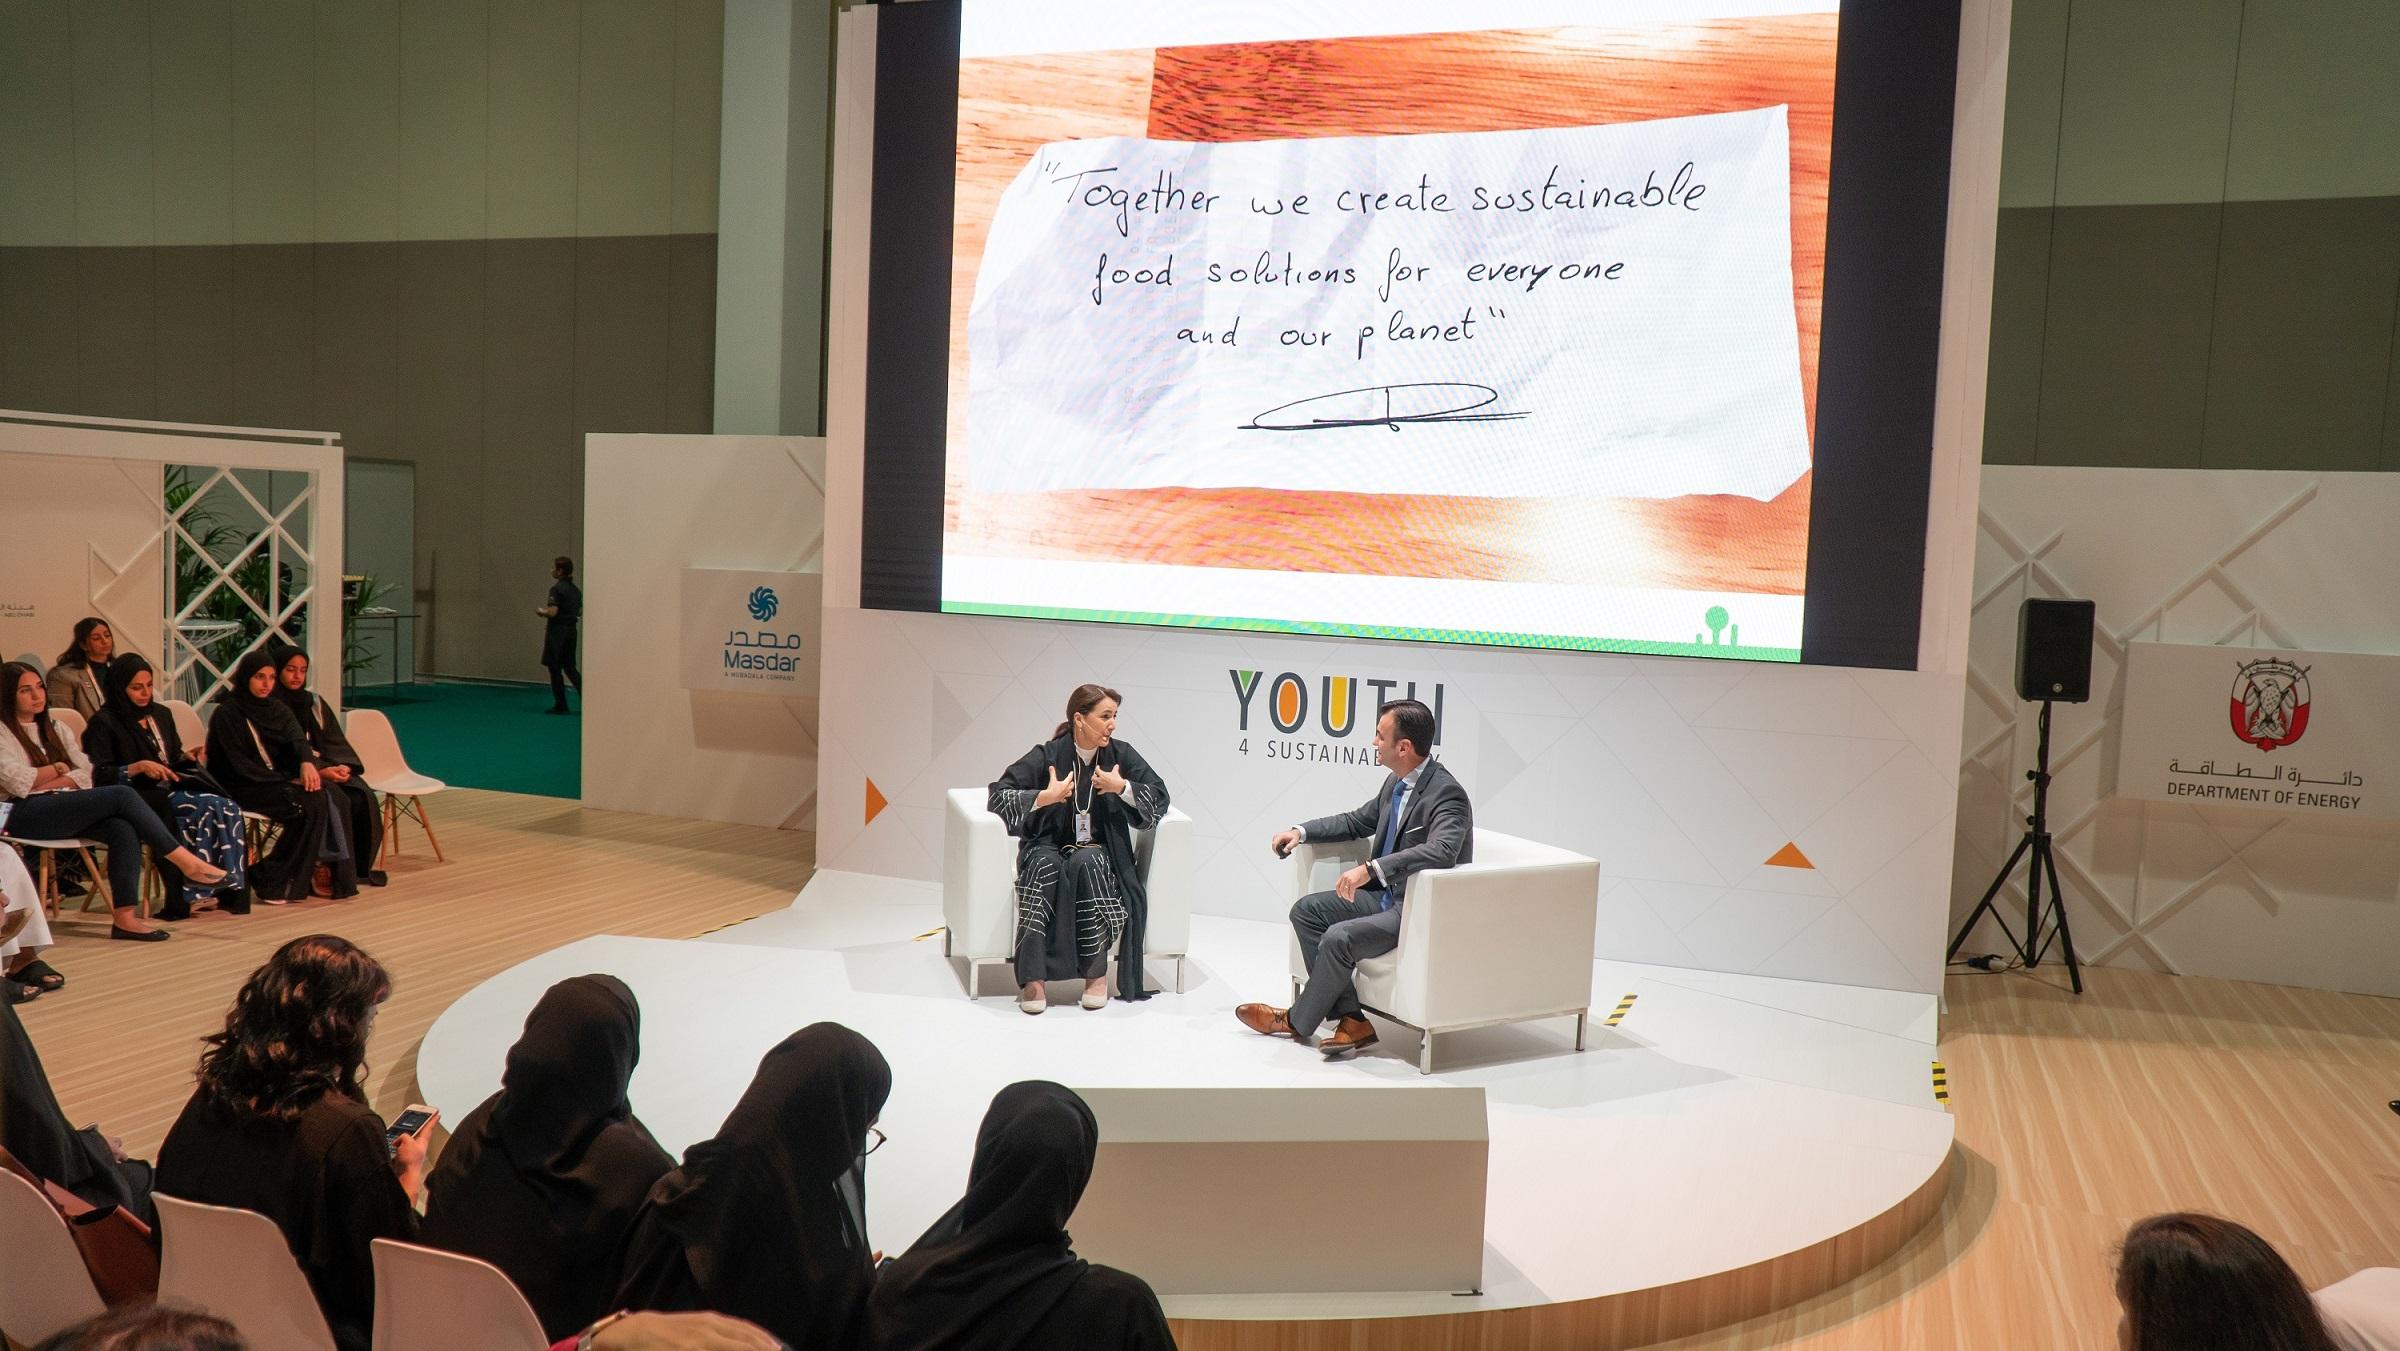 """مريم المهيري تدعو الشباب الى المشاركة في """" تحدي تكنولوجيا الغذاء العالمي"""""""